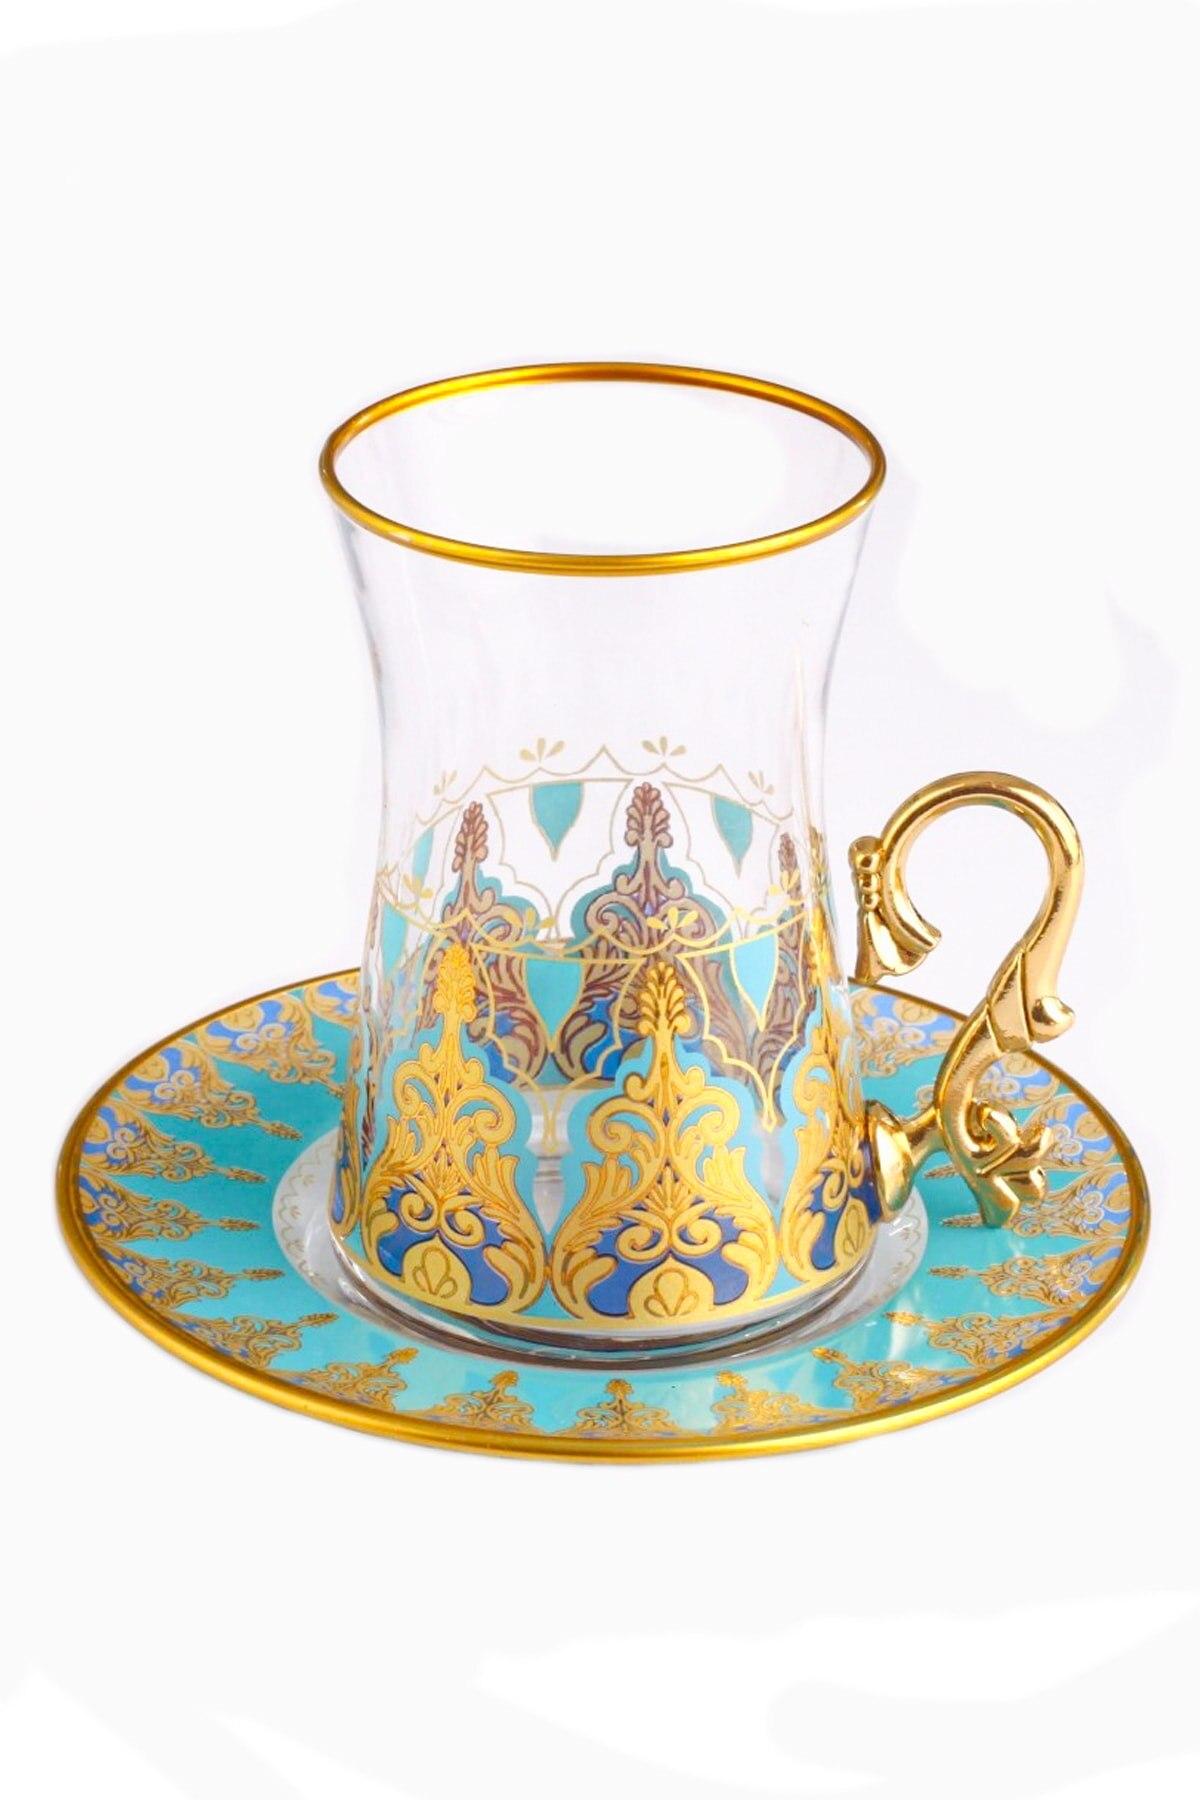 طقم أكواب شاي مع ميرا ، طقم شاي تركي زجاجي تقليدي ، فنجان قهوة ، طقم زجاج ذهبي مذهّب